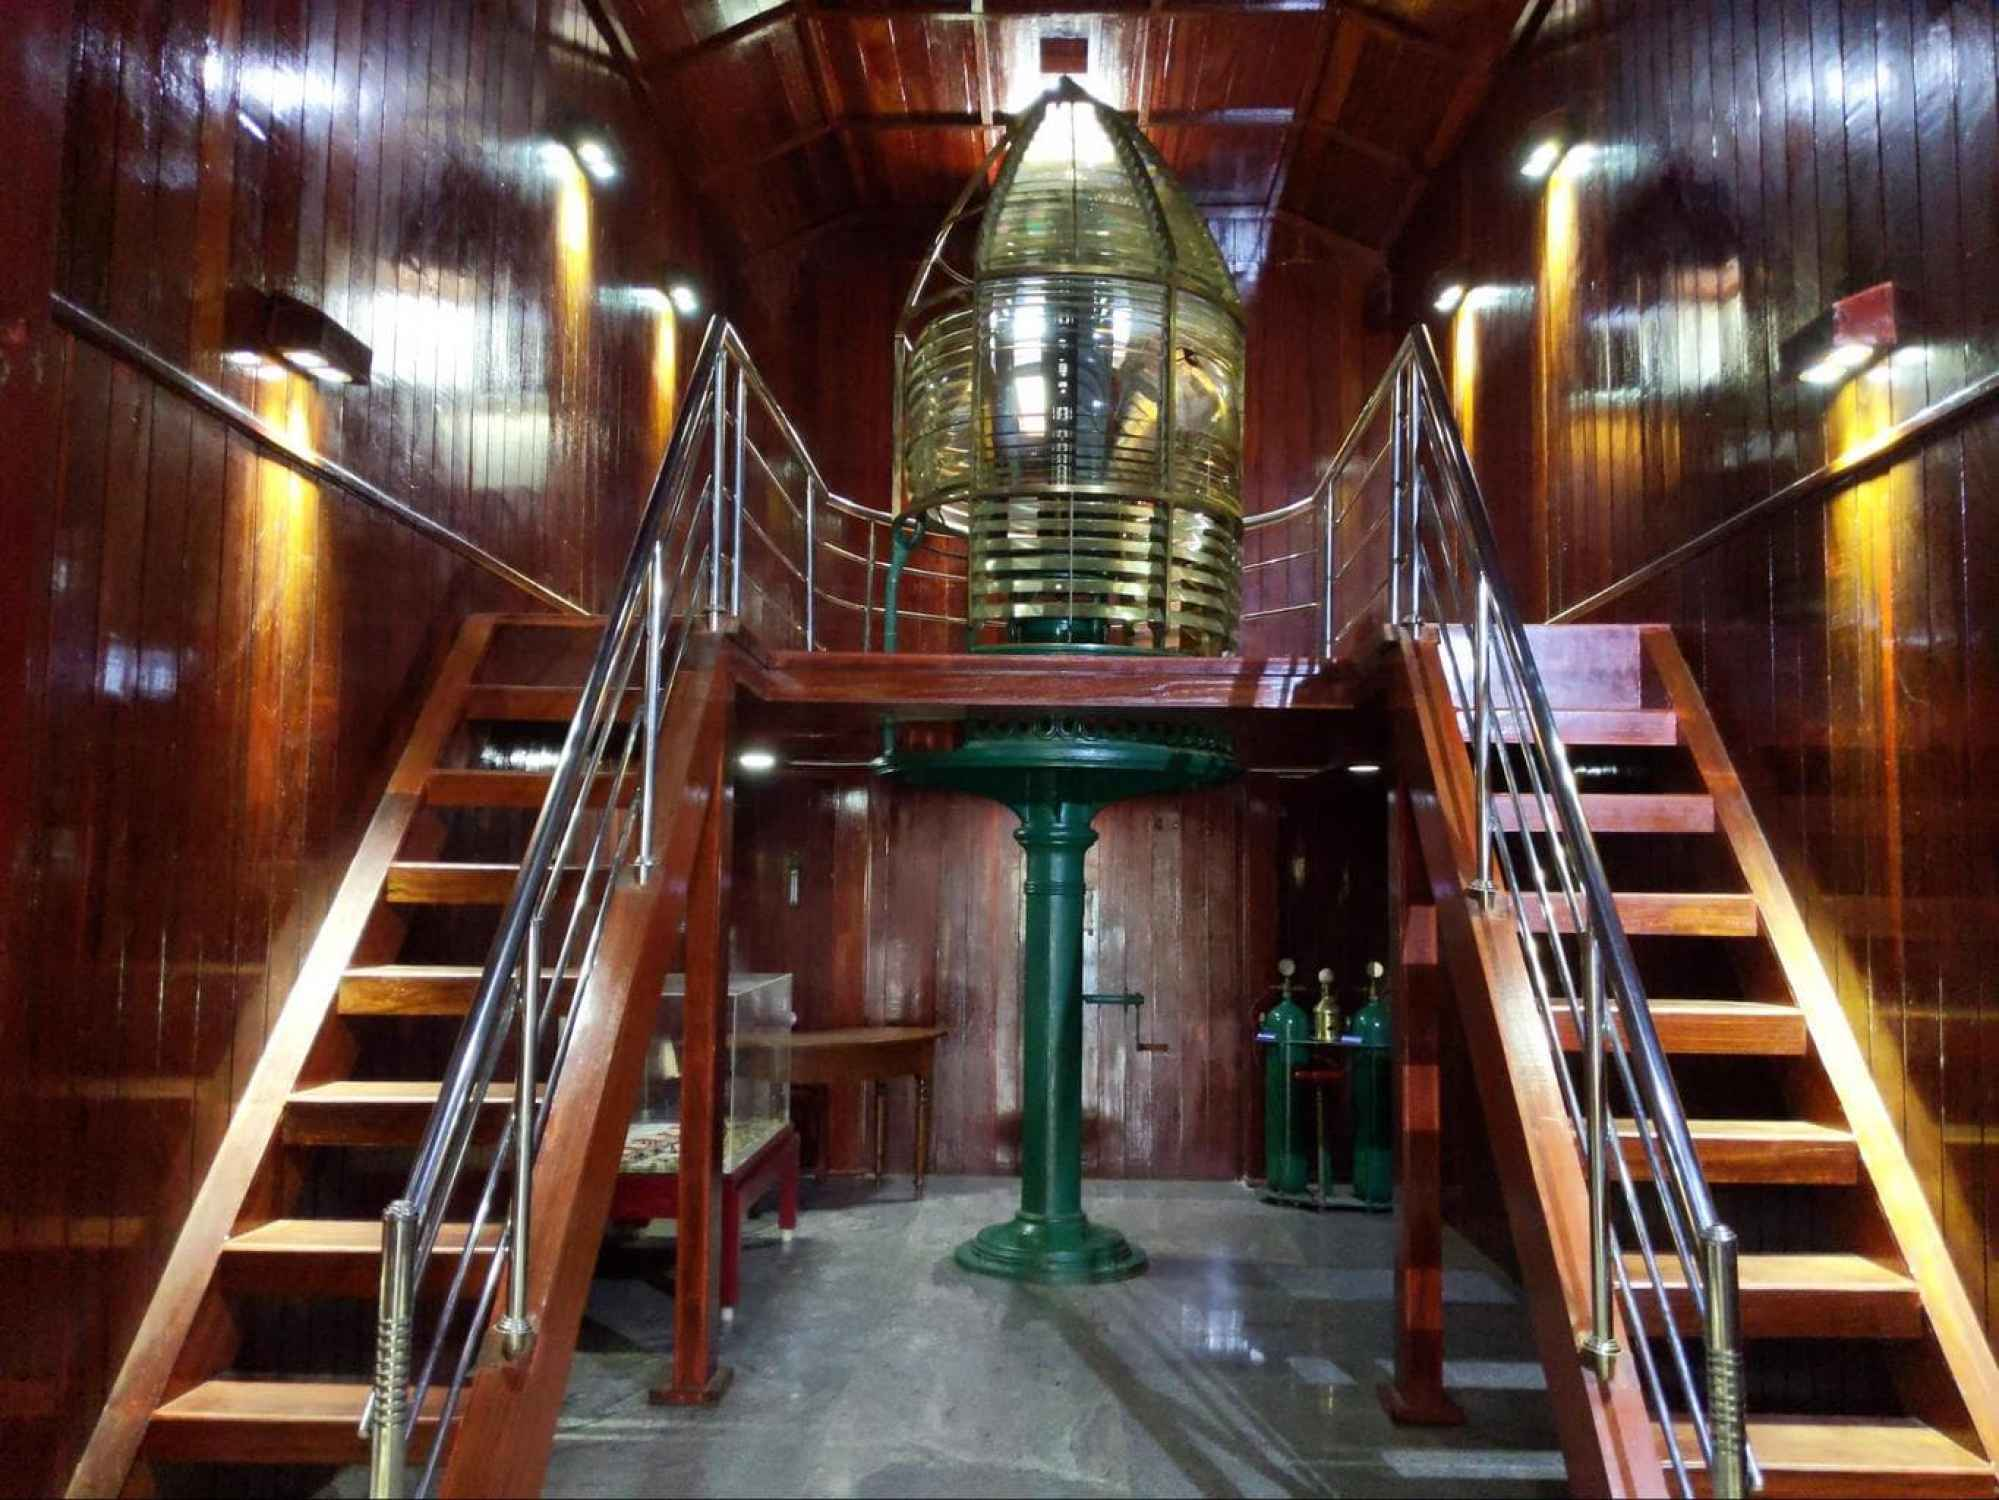 Heritage Maritime Museum interior